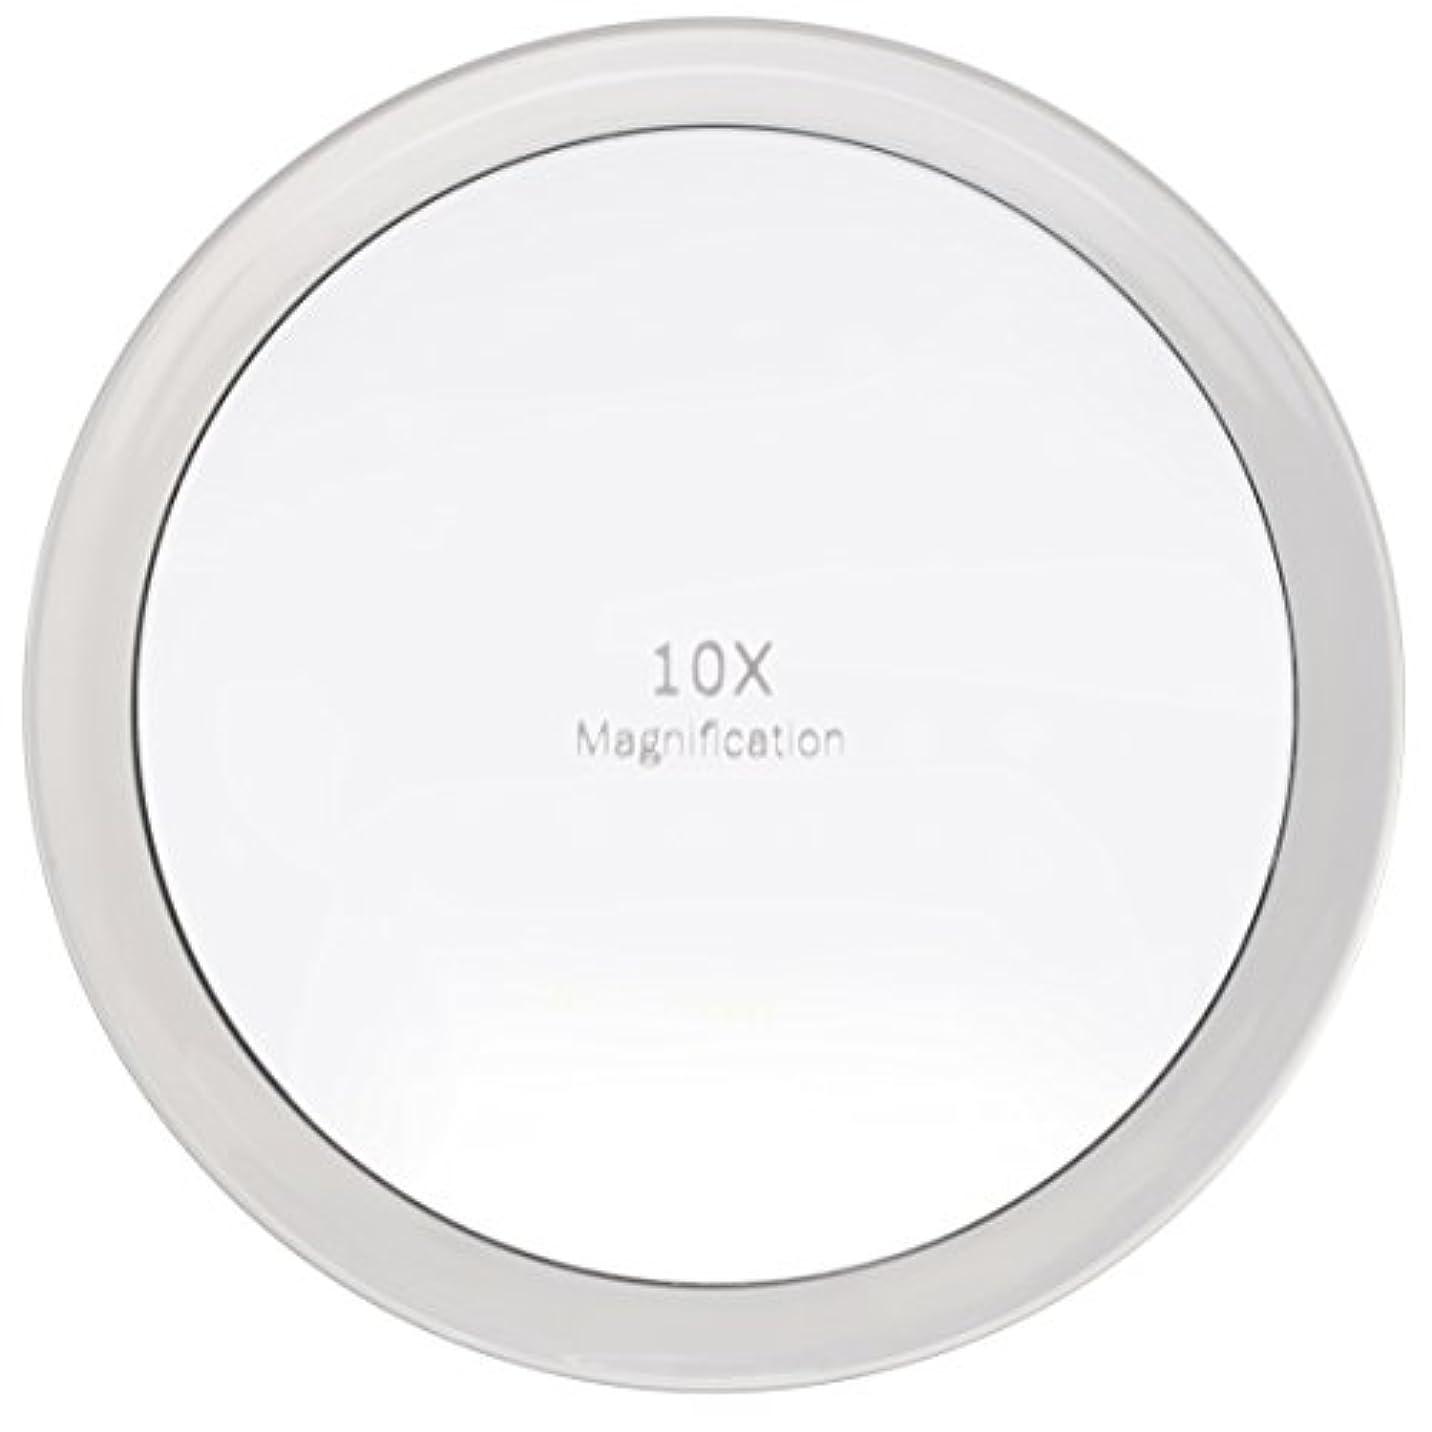 リズミカルなエンターテインメントデコラティブMiss Sweet 吸盤付きミラー 拡大鏡 化粧鏡 (A: 10倍 19.5cm)